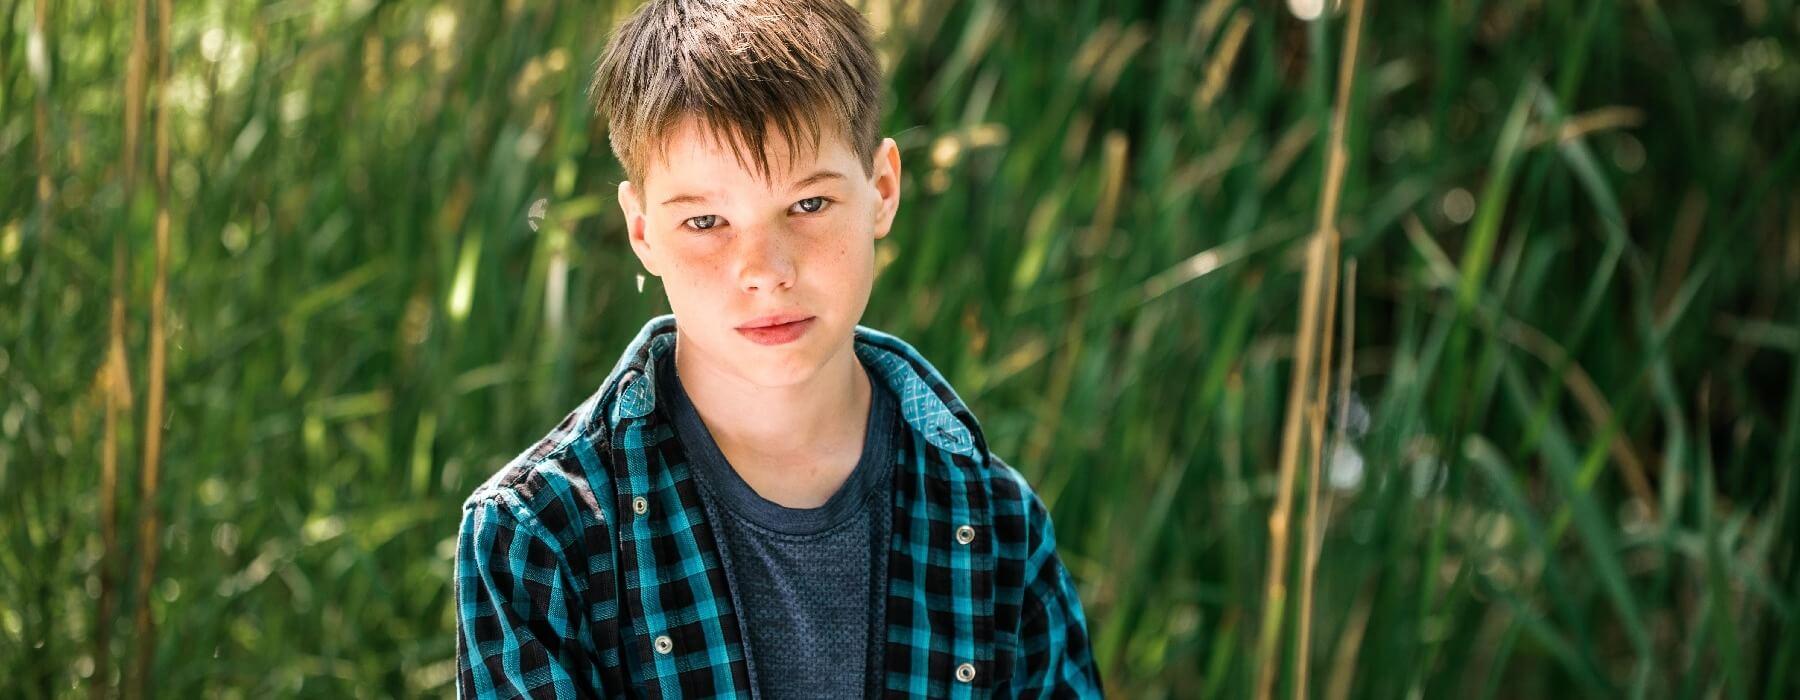 Boy standing in field